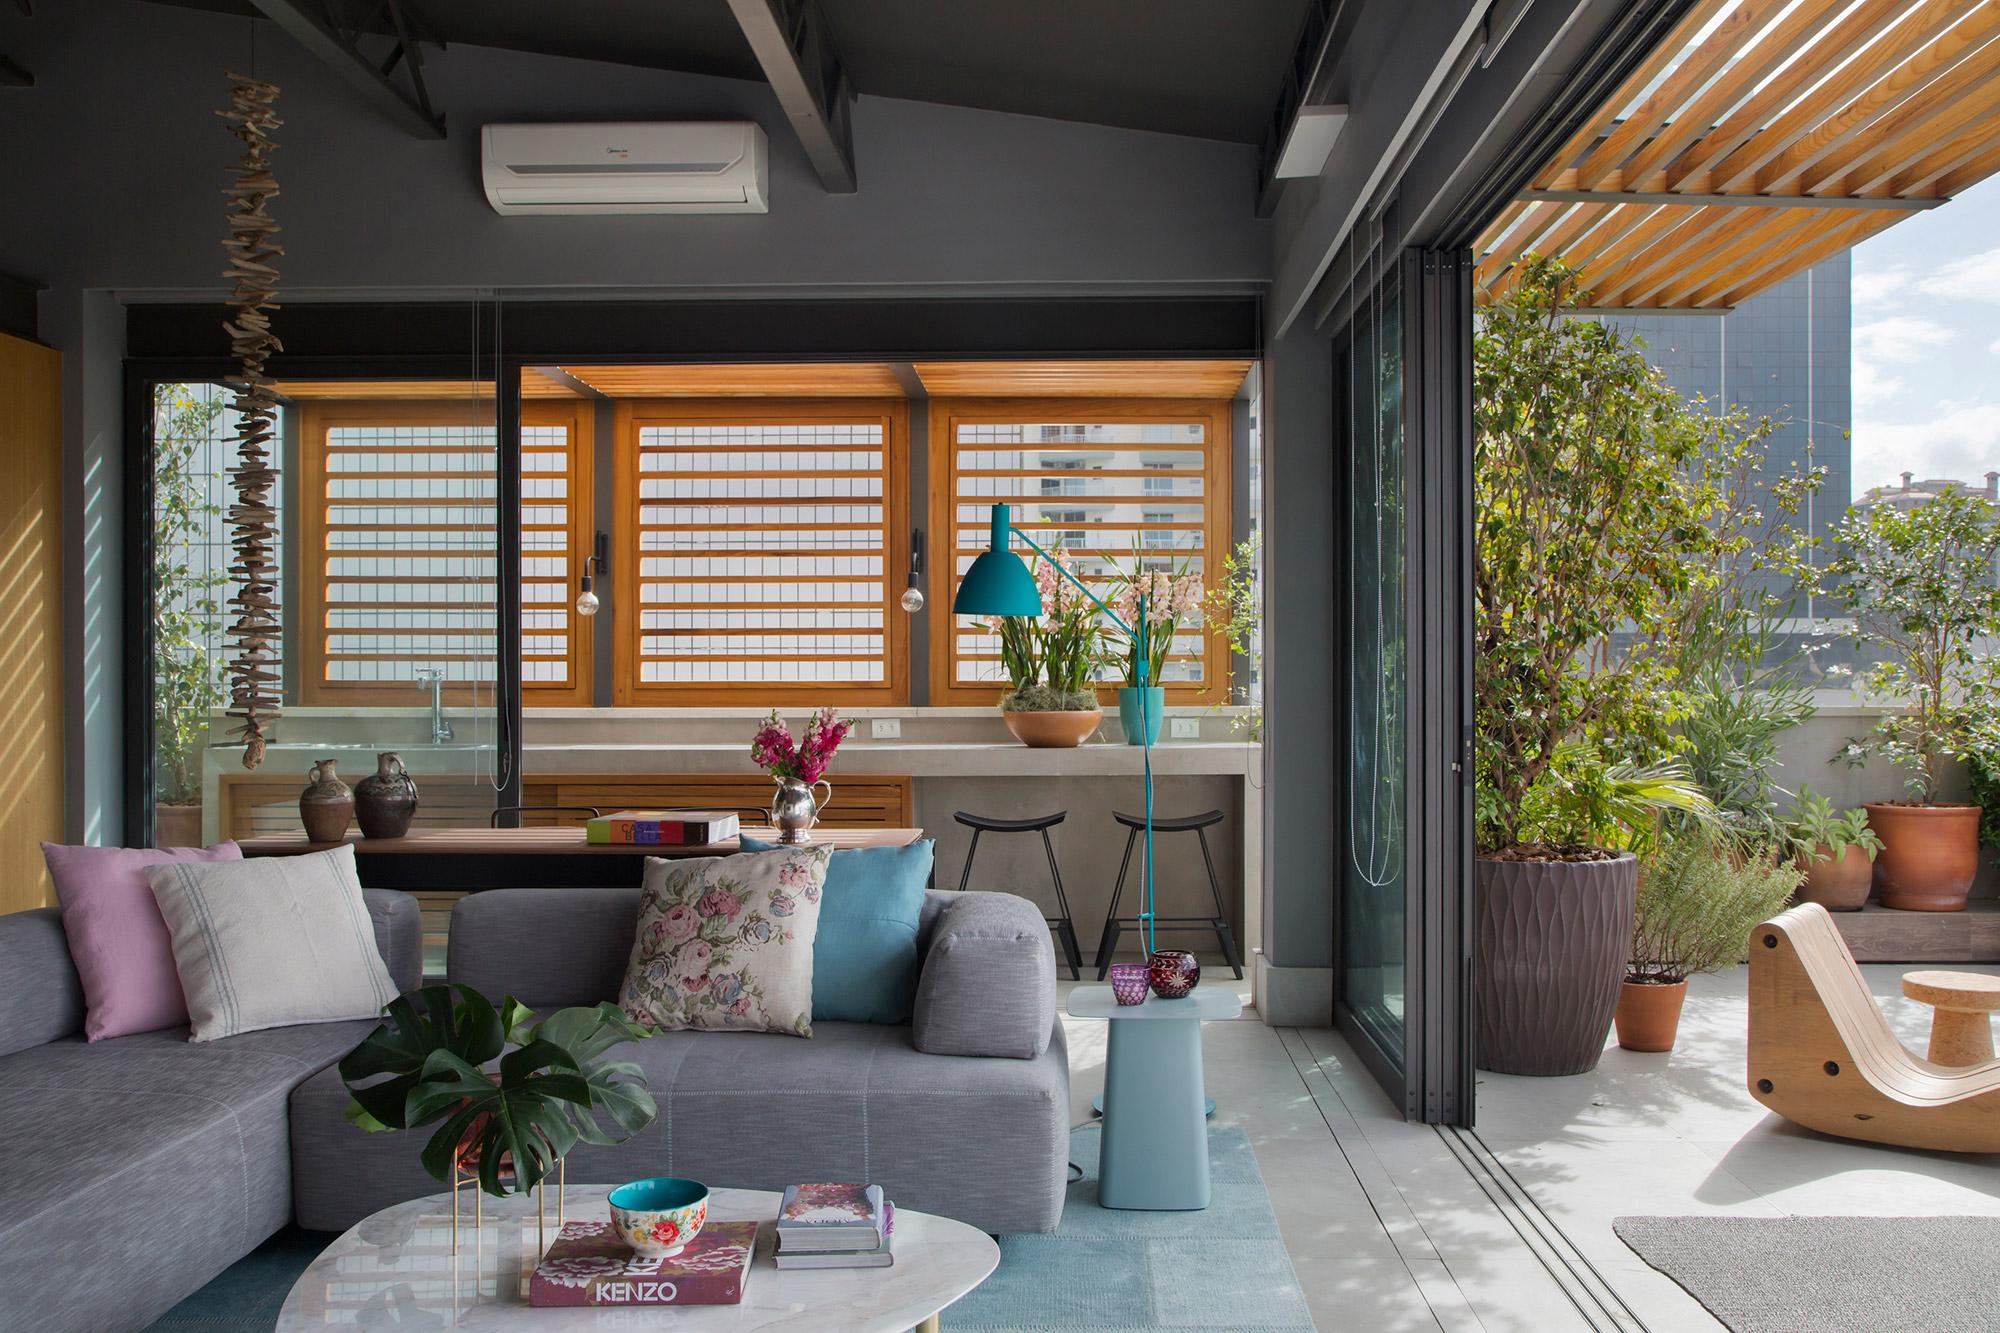 adriana esteves rio de janeiro apartamento decoração design decor arquitetura duplex cobertura